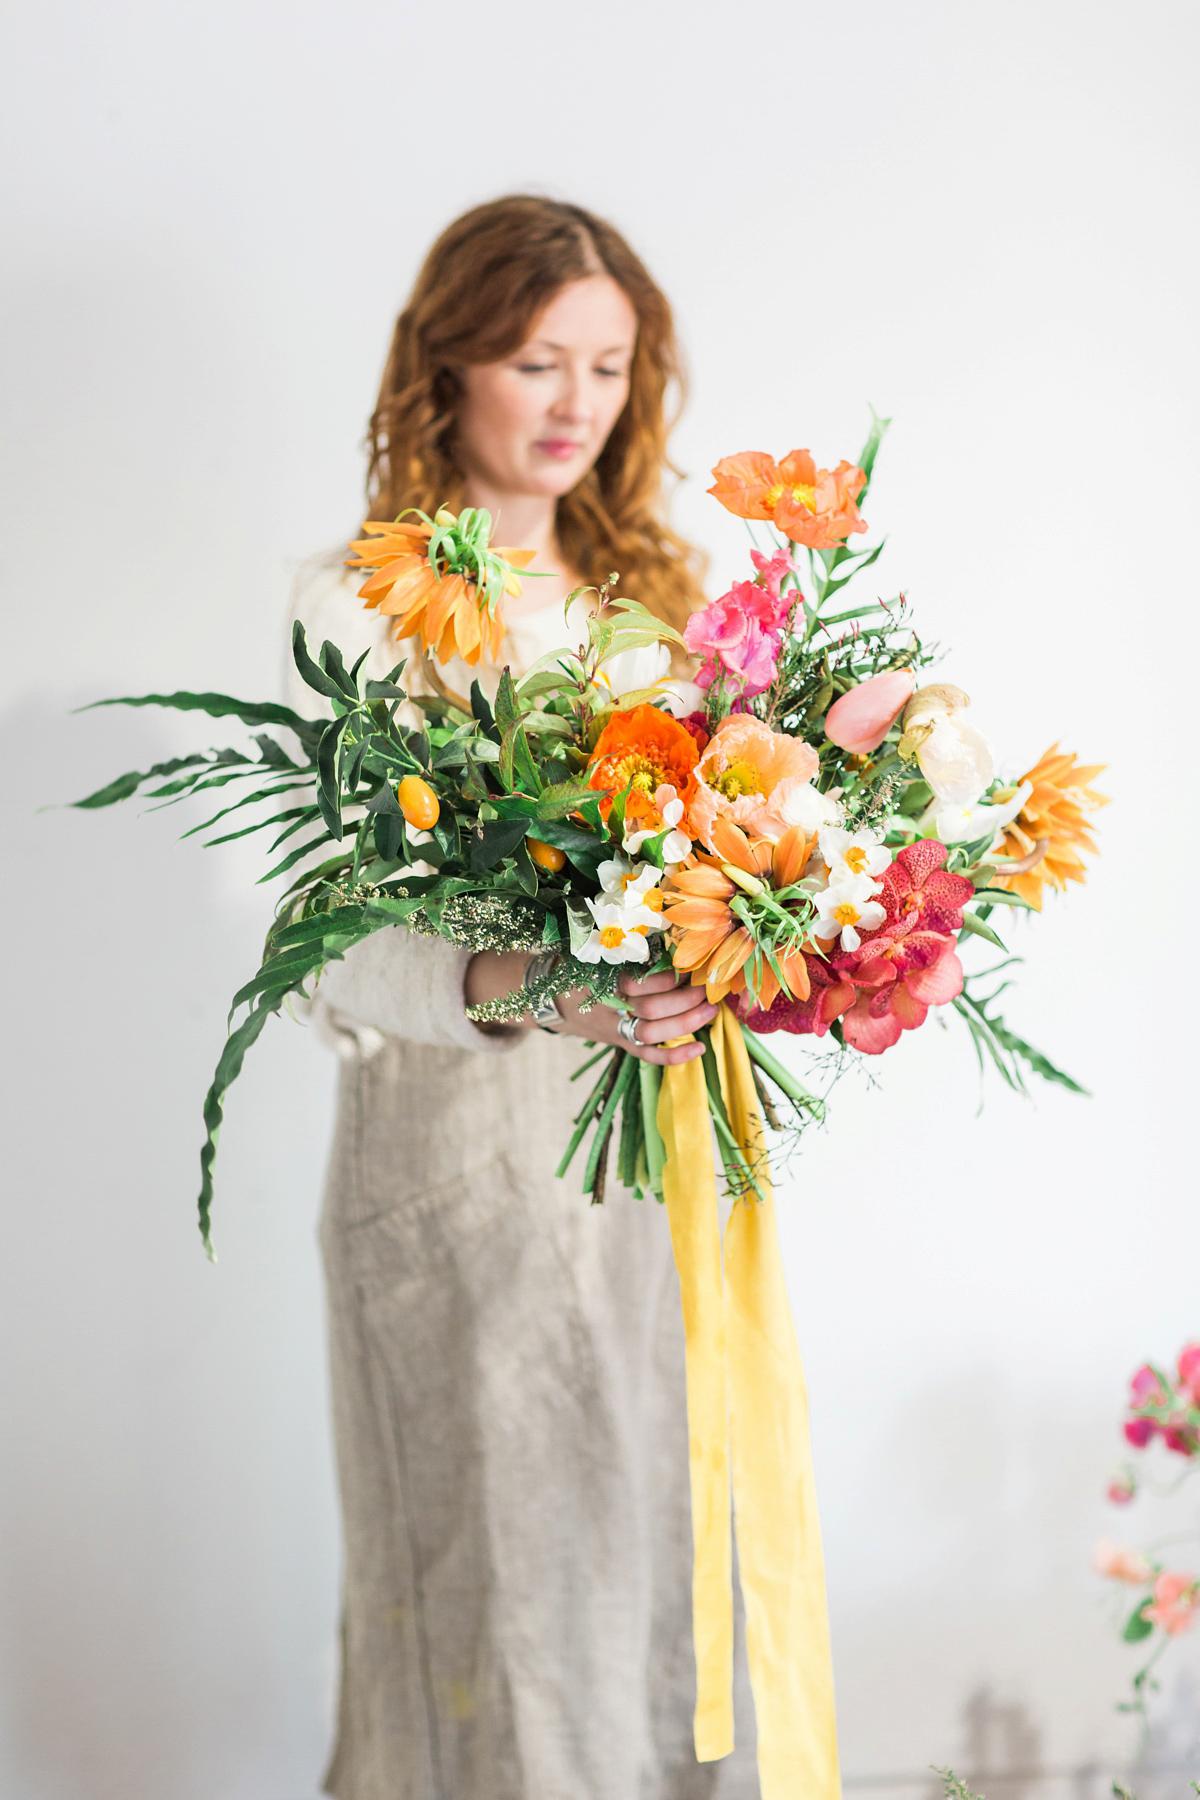 Design Your Own Wedding Dresses Uk - Flower Girl Dresses